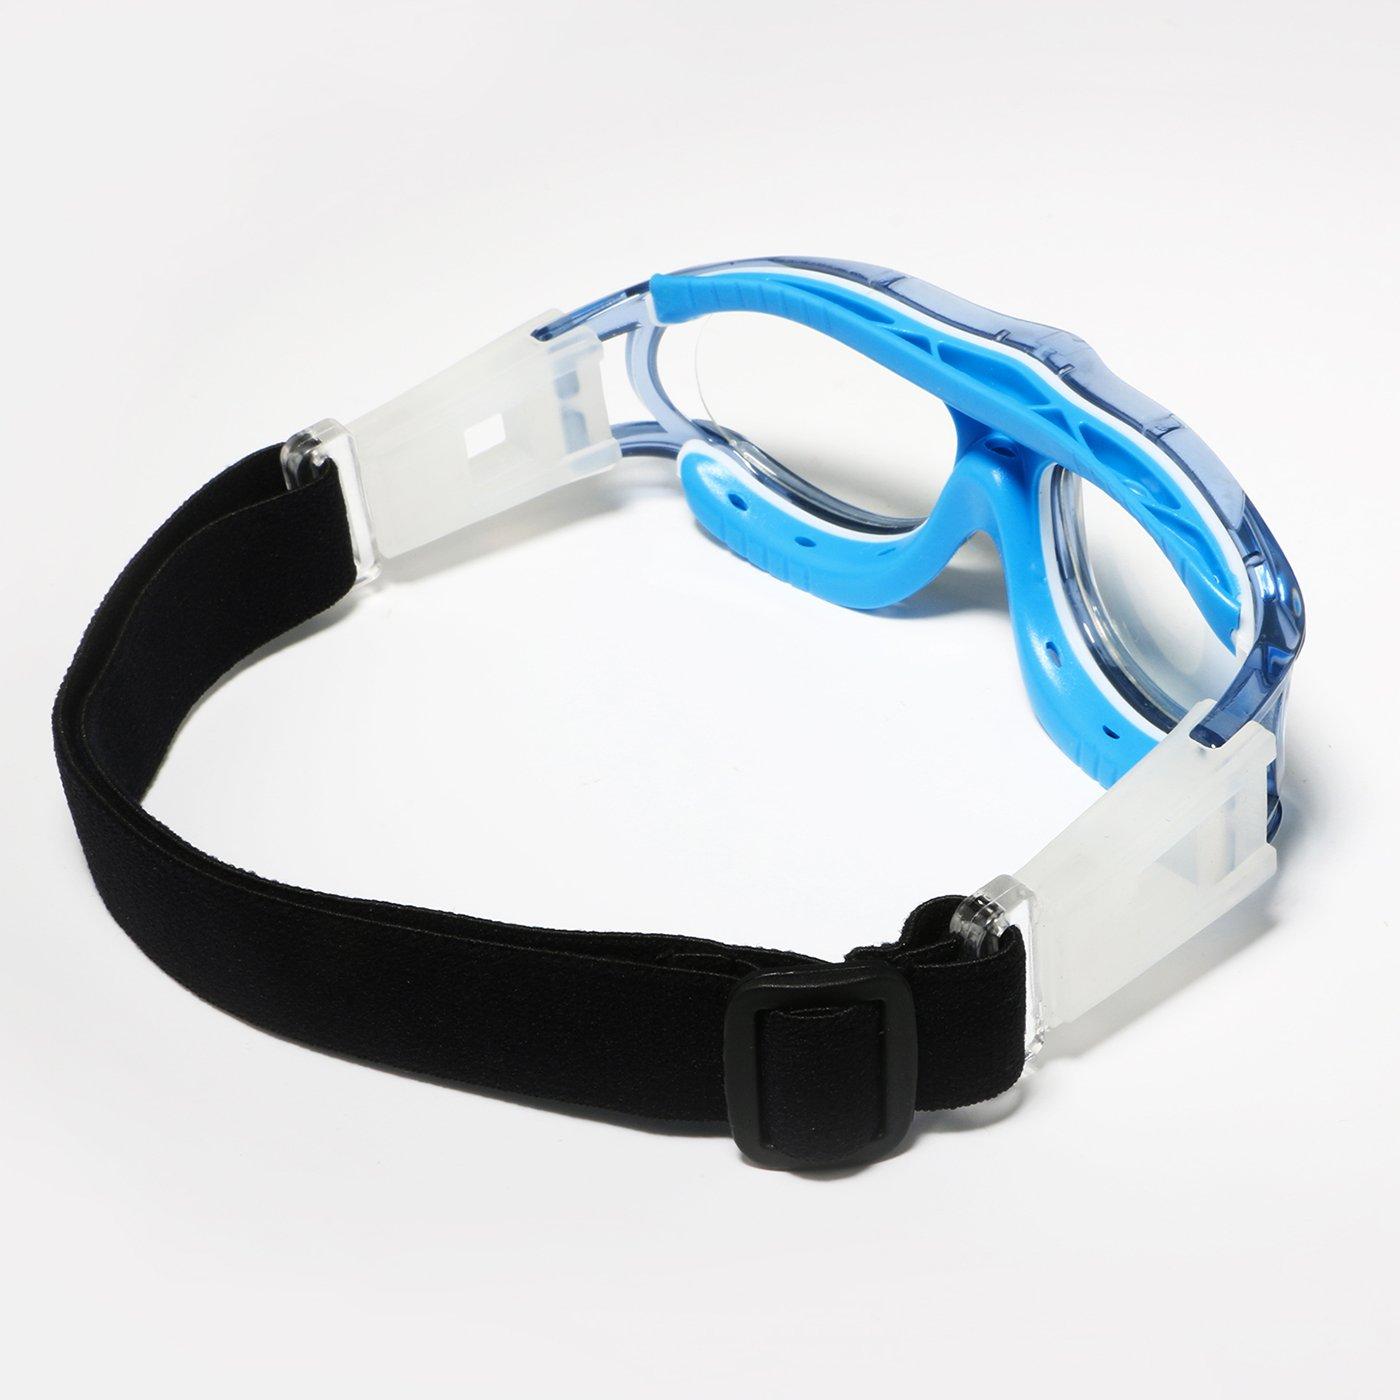 Tongshop Sto/ßfeste Sportbrille f/ür Kinder//Teenager mit verstellbarem//austauschbarem Sicherungsband